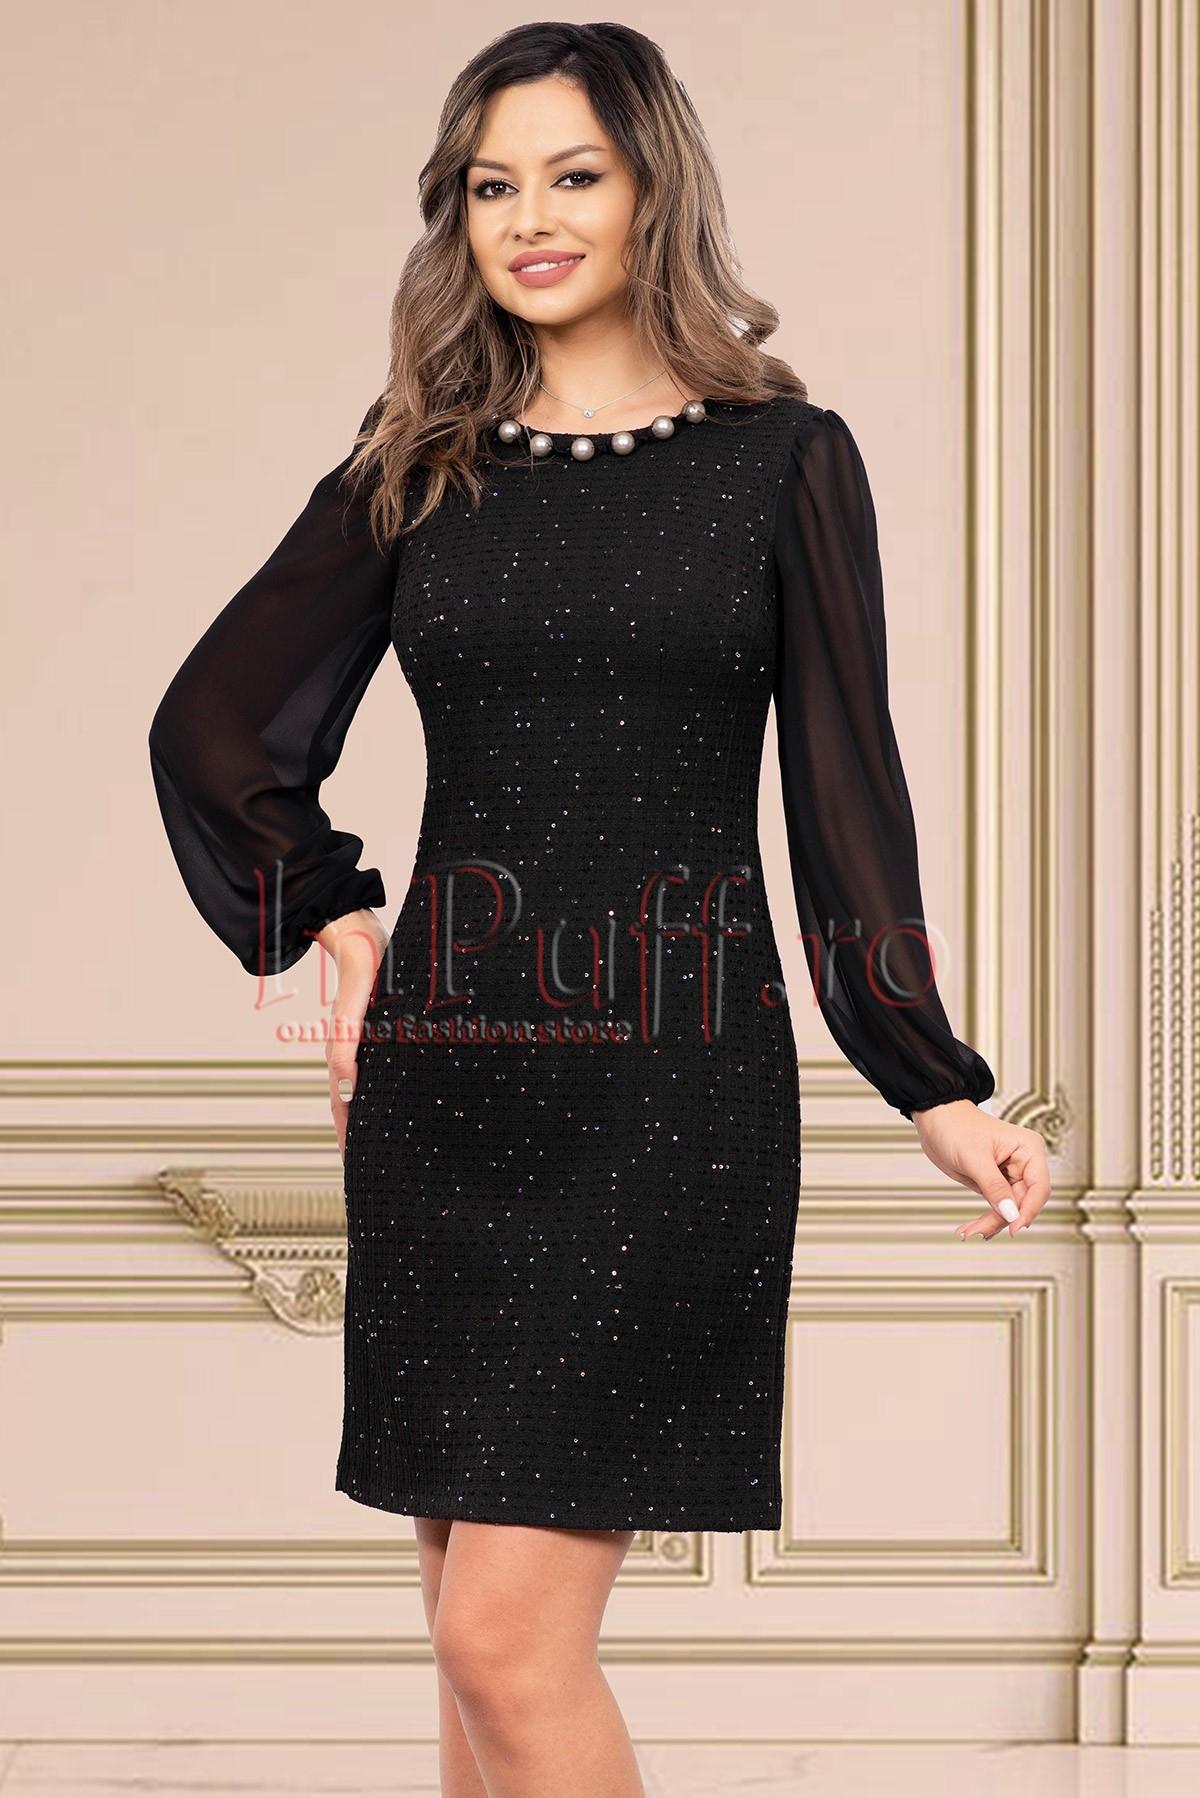 Rochie neagra de seara cu paiete discrete midi lejera cu maneca lunga din voal si colier cu perle